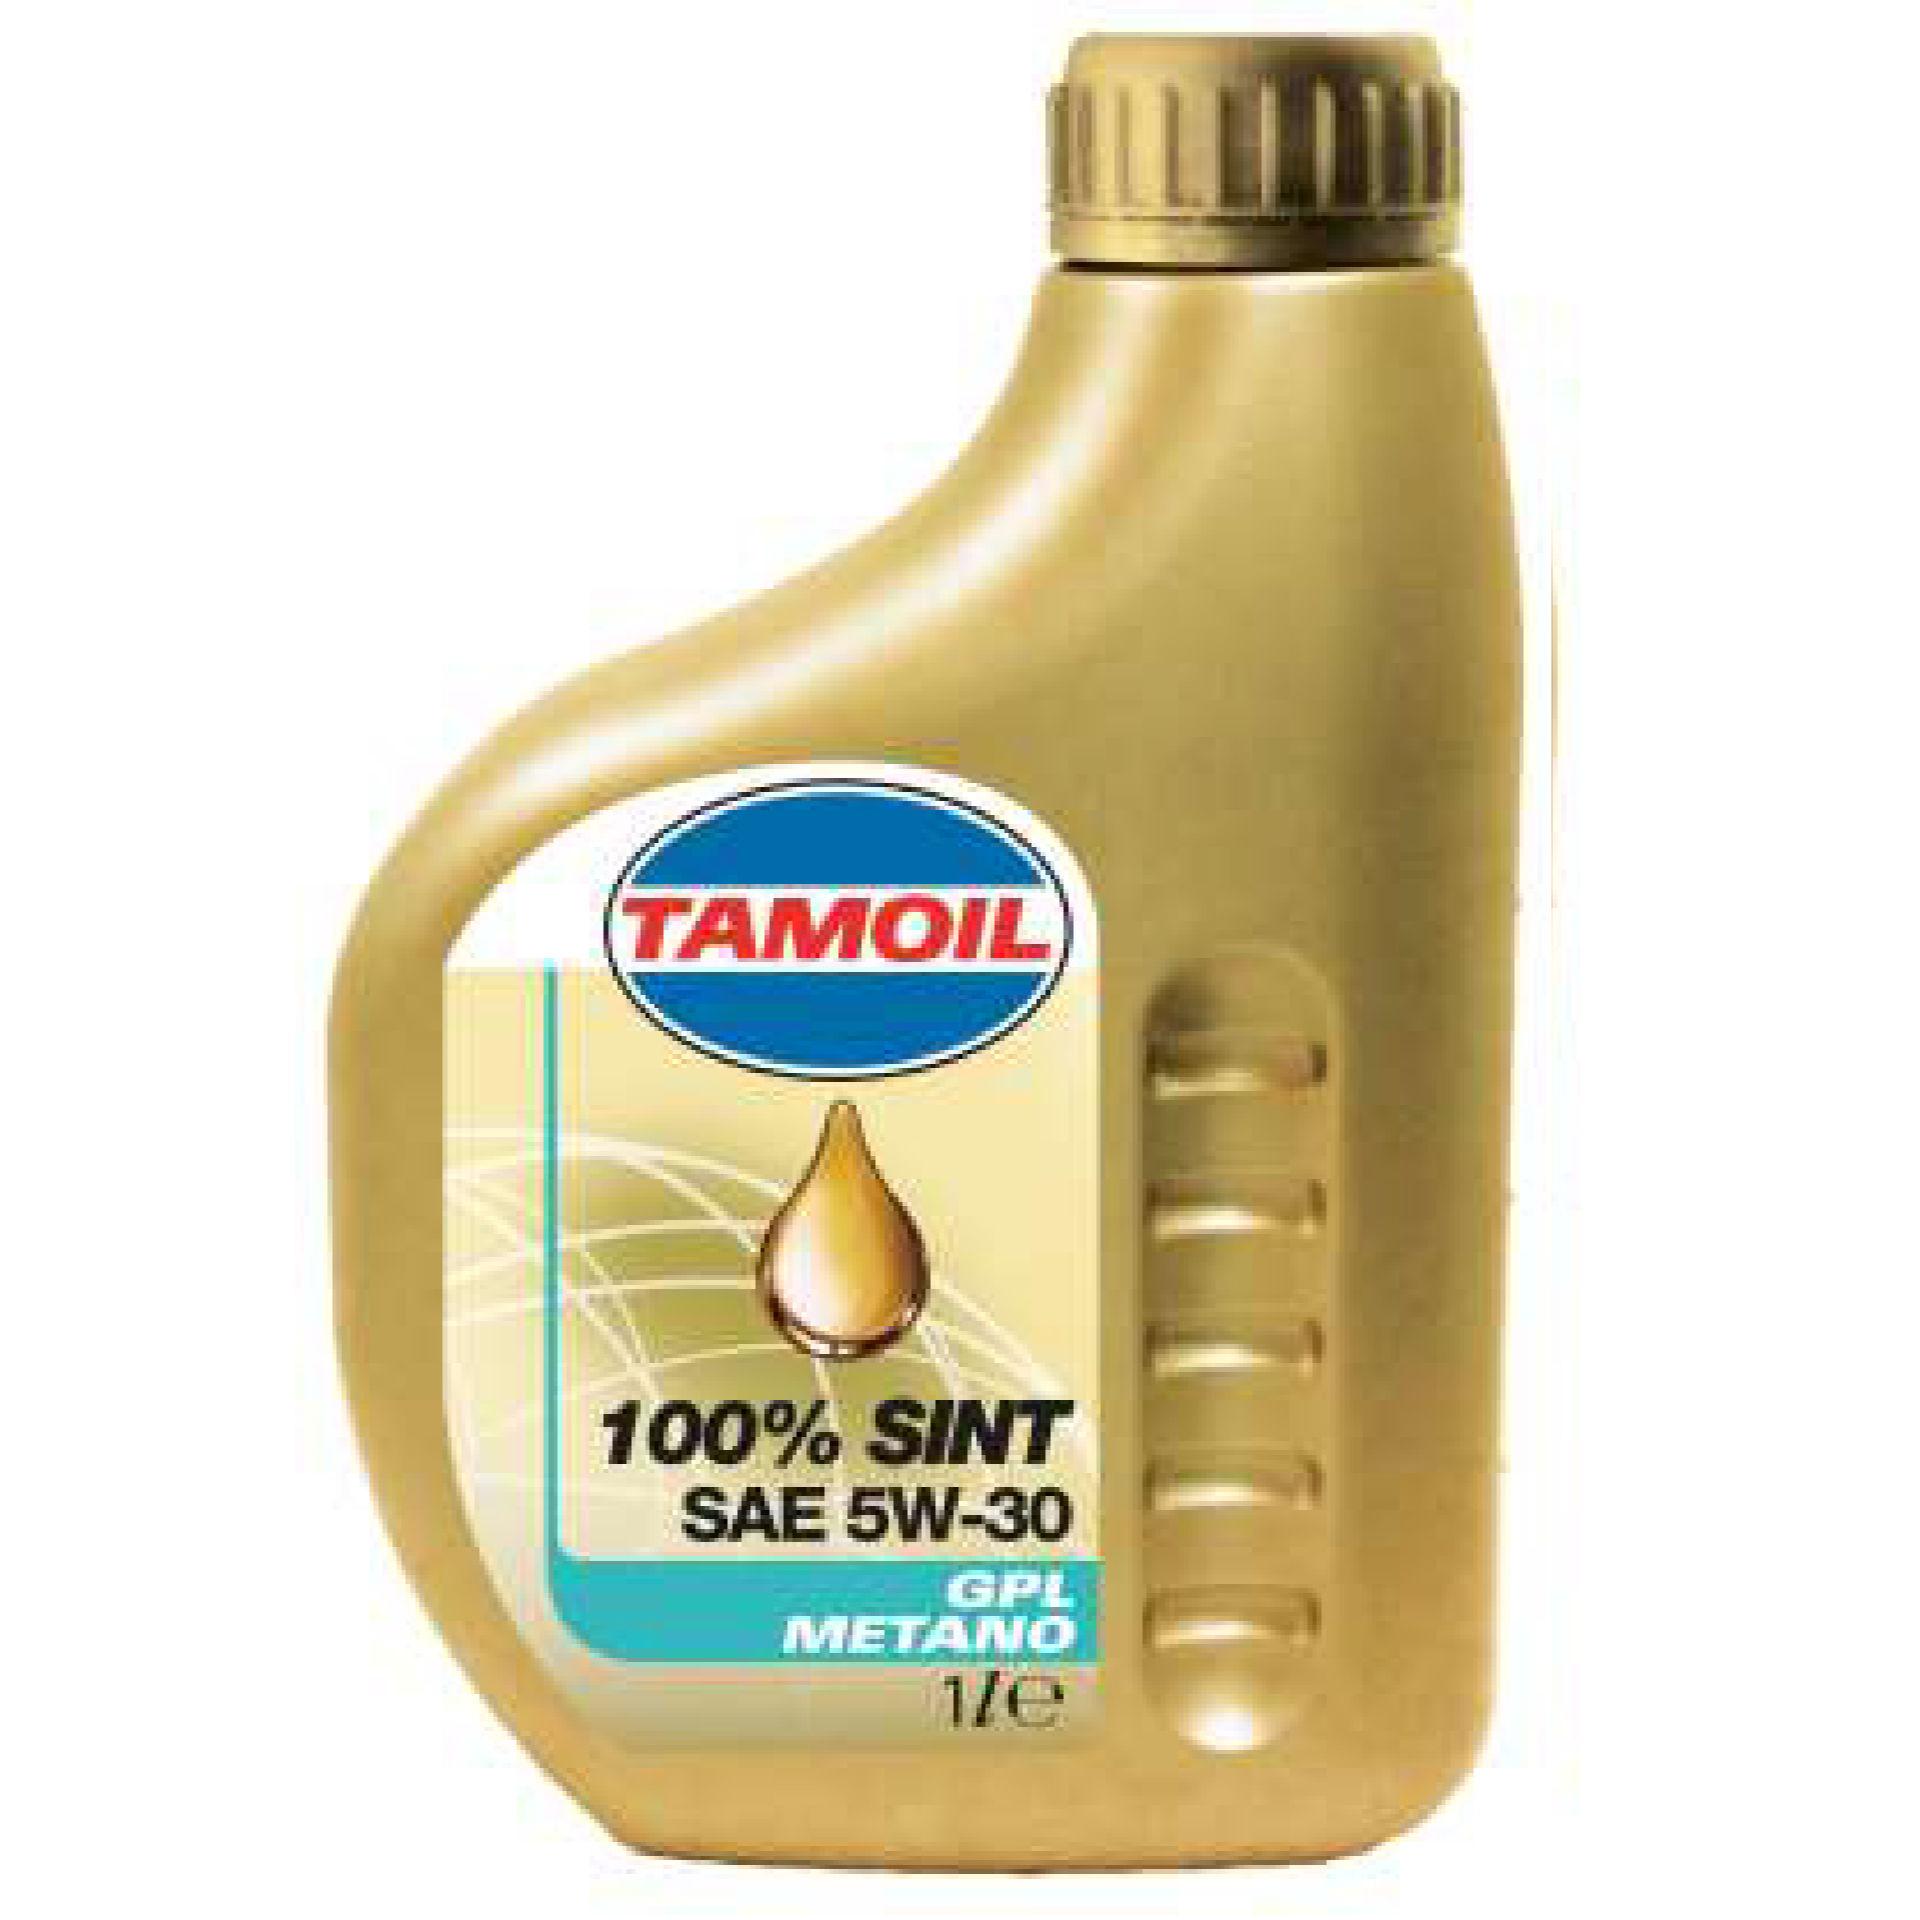 TAMOIL 100% SINTETICO GPL METANO SAE 5W - 30Tamoil